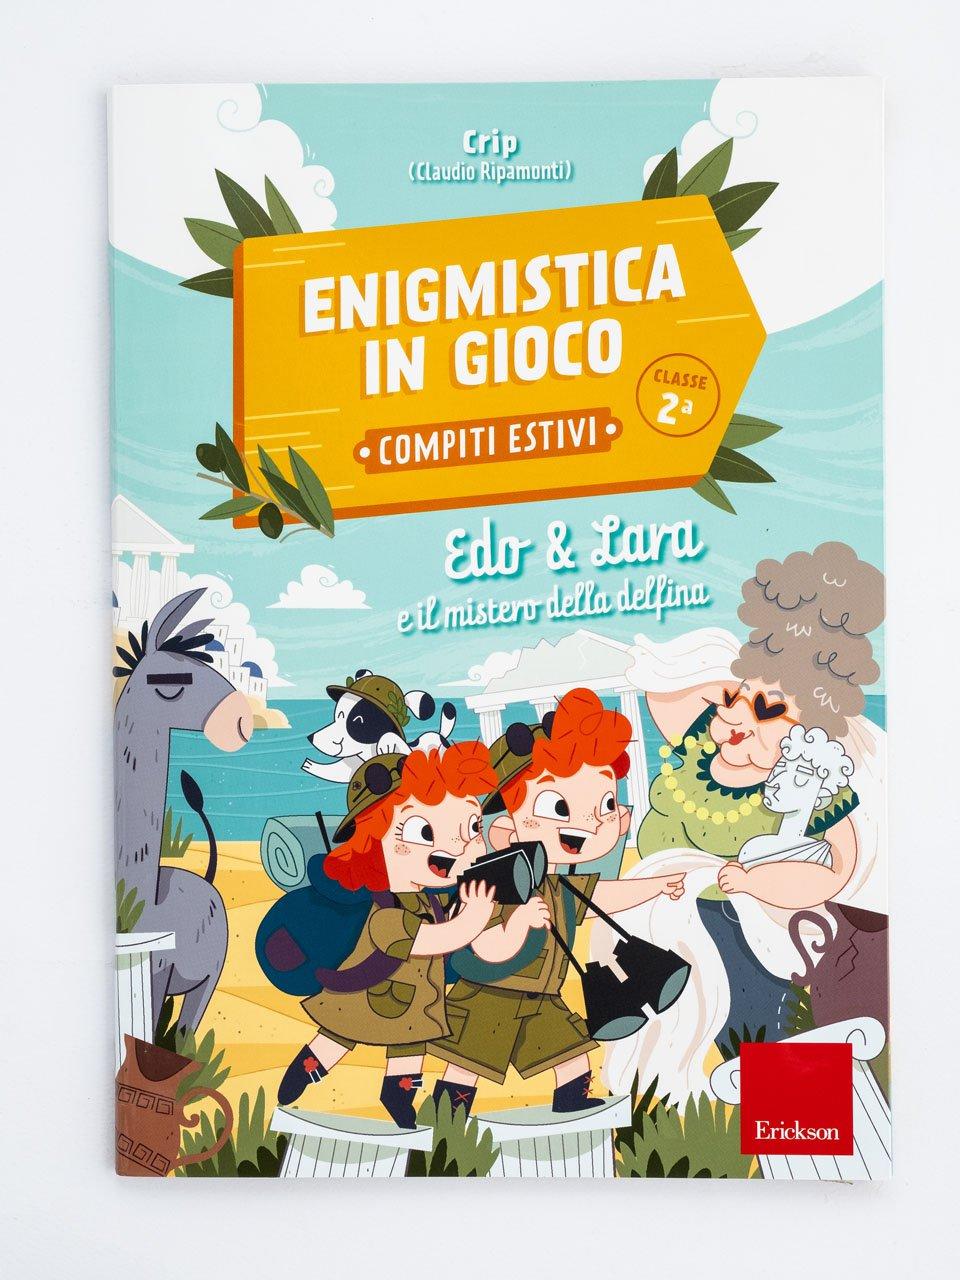 Enigmistica in gioco -  Compiti estivi - Classe seconda - Enigmistica in gioco -  Compiti estivi - Classe qu - Libri - Erickson